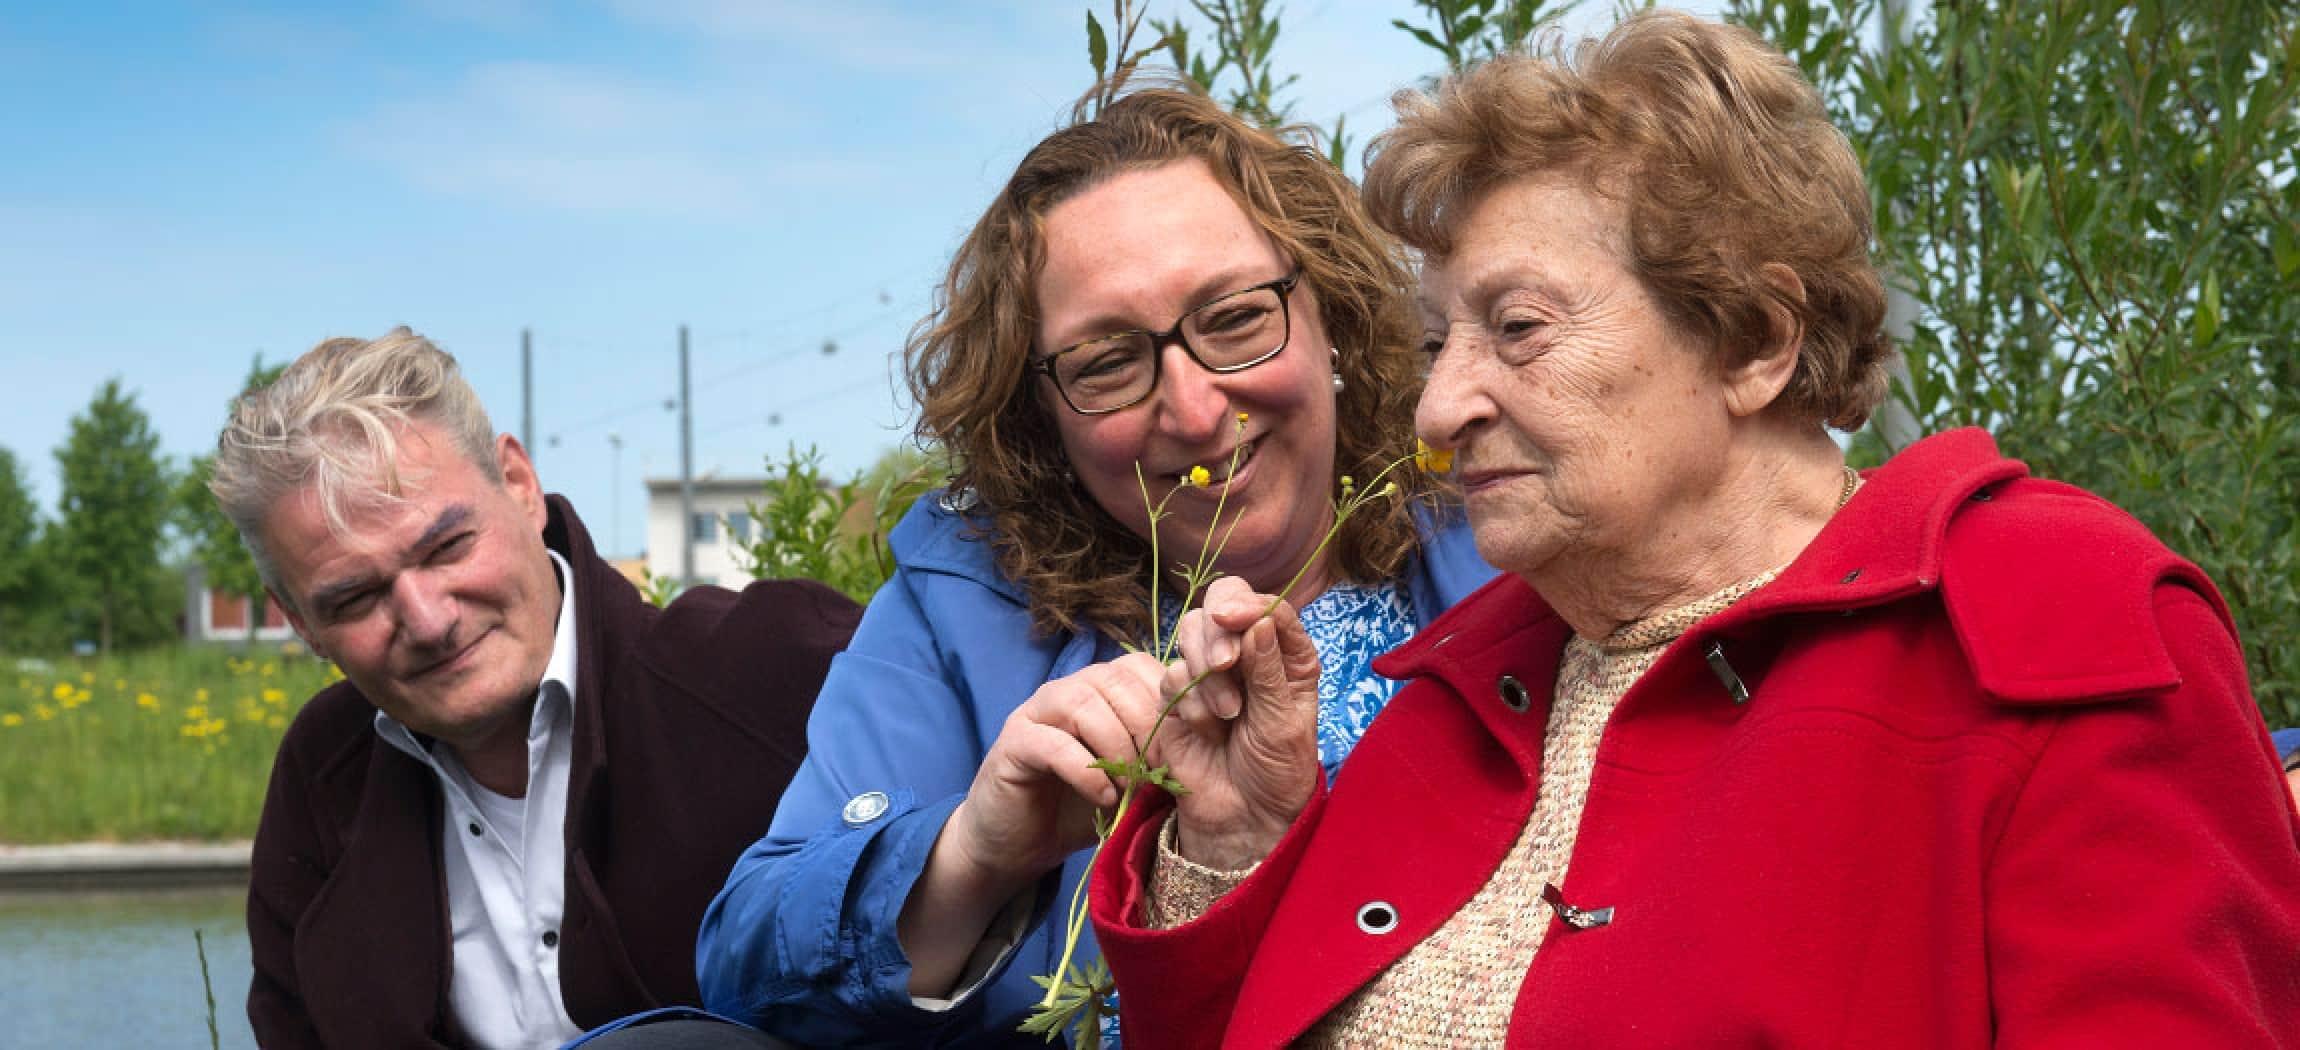 Zonnige dag buiten oudere vrouw met rode jas ruikt aan bloem en man kijkt toe